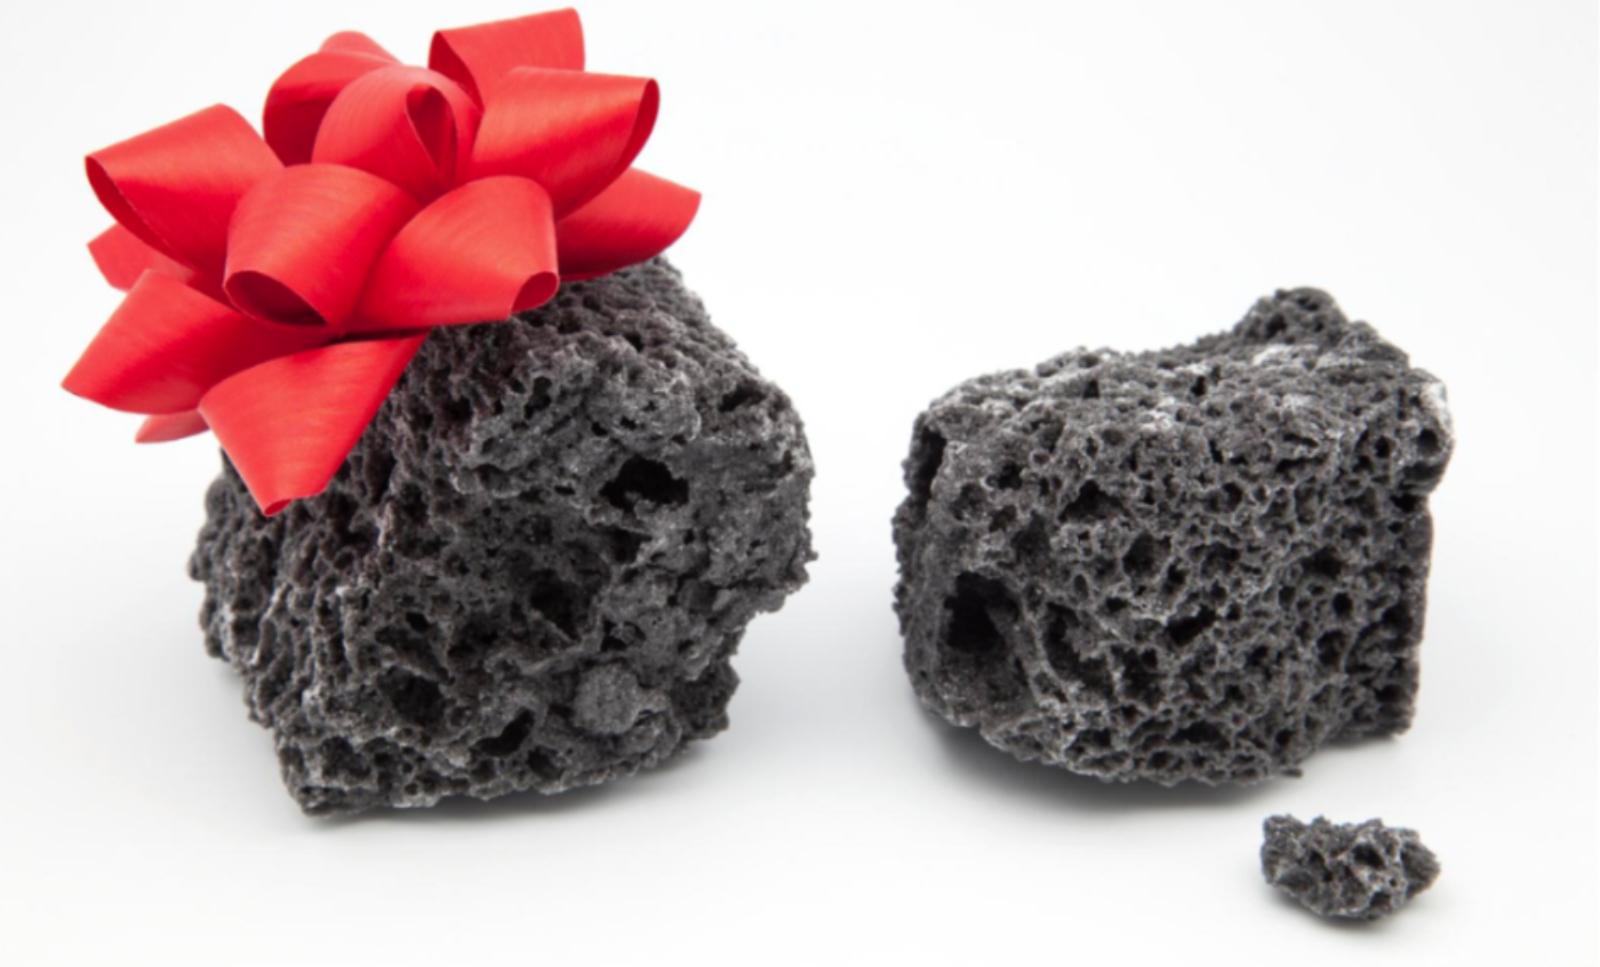 Preaprare il carbone dolce